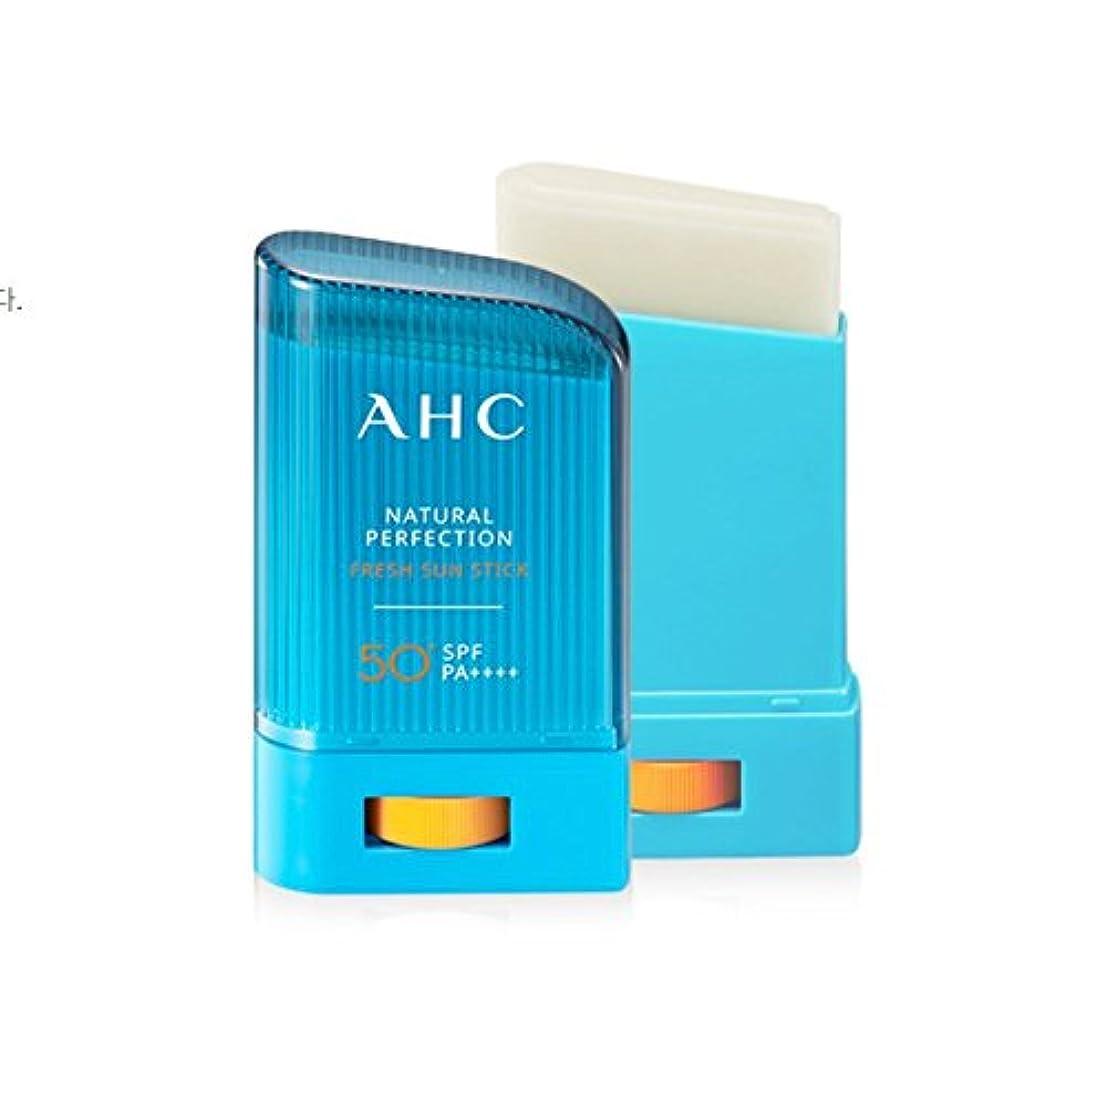 くちばし起こりやすい動的2018年(Renewal) AHC ナチュラル サン スティック 22g/AHC Natural perfection fresh sun stick (22g) [並行輸入品]